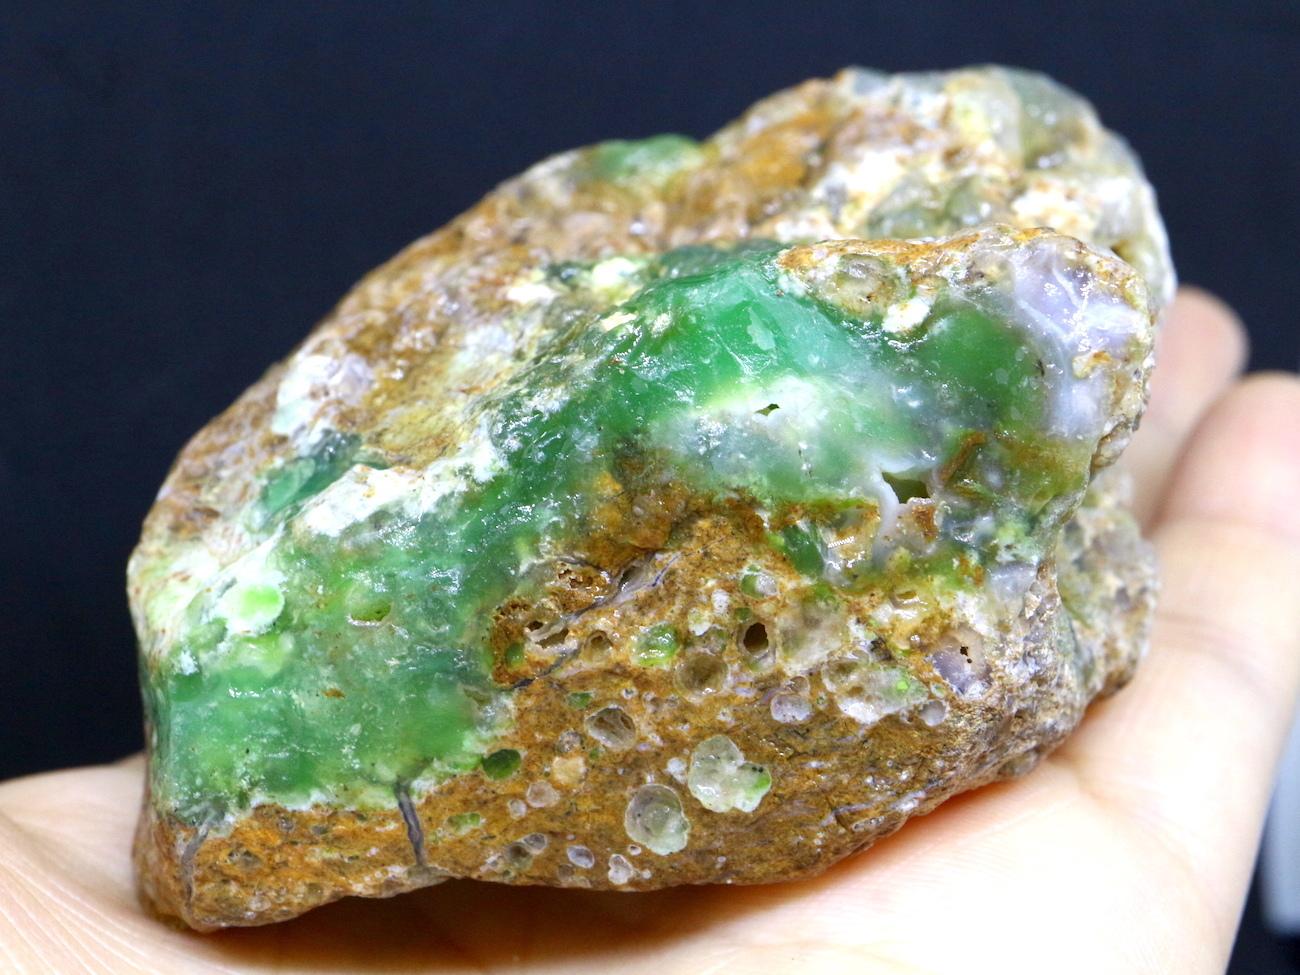 クリソプレーズ 緑玉髄 オーストラリア産  196,4g CSP002  原石 天然石 鉱物